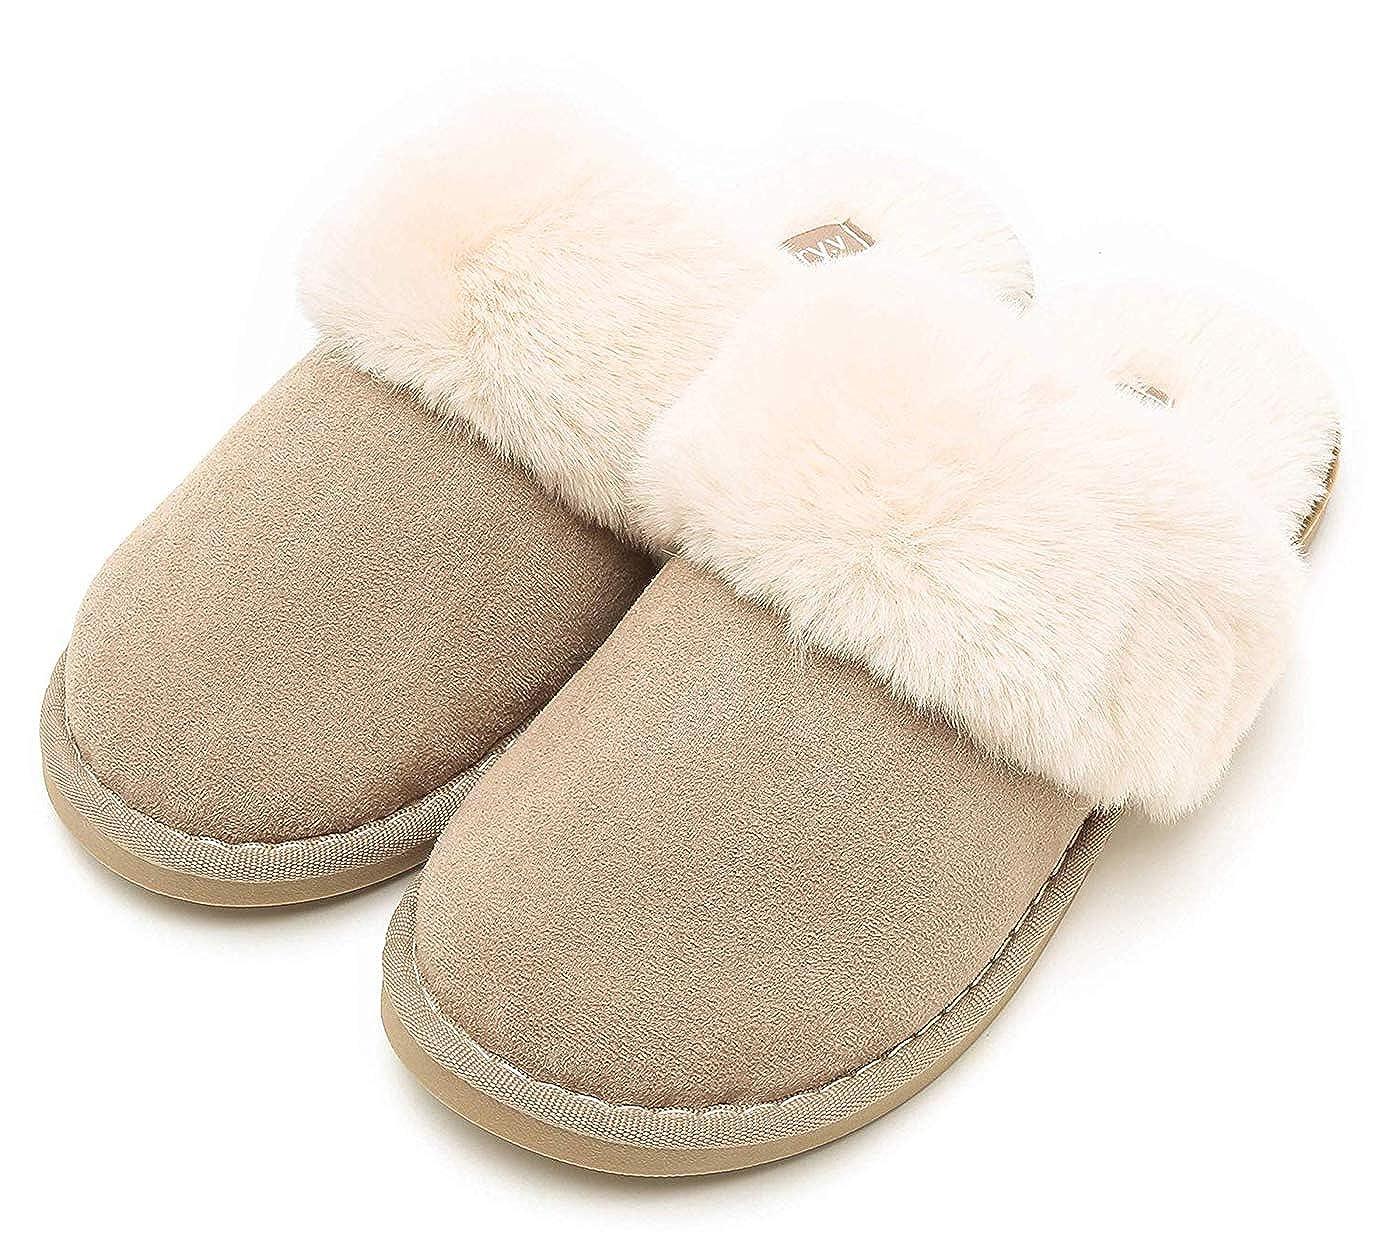 e63eeb68f227a Amazon.com | Womens Slippers Memory Foam Fluffy Warm Non-Slip ...